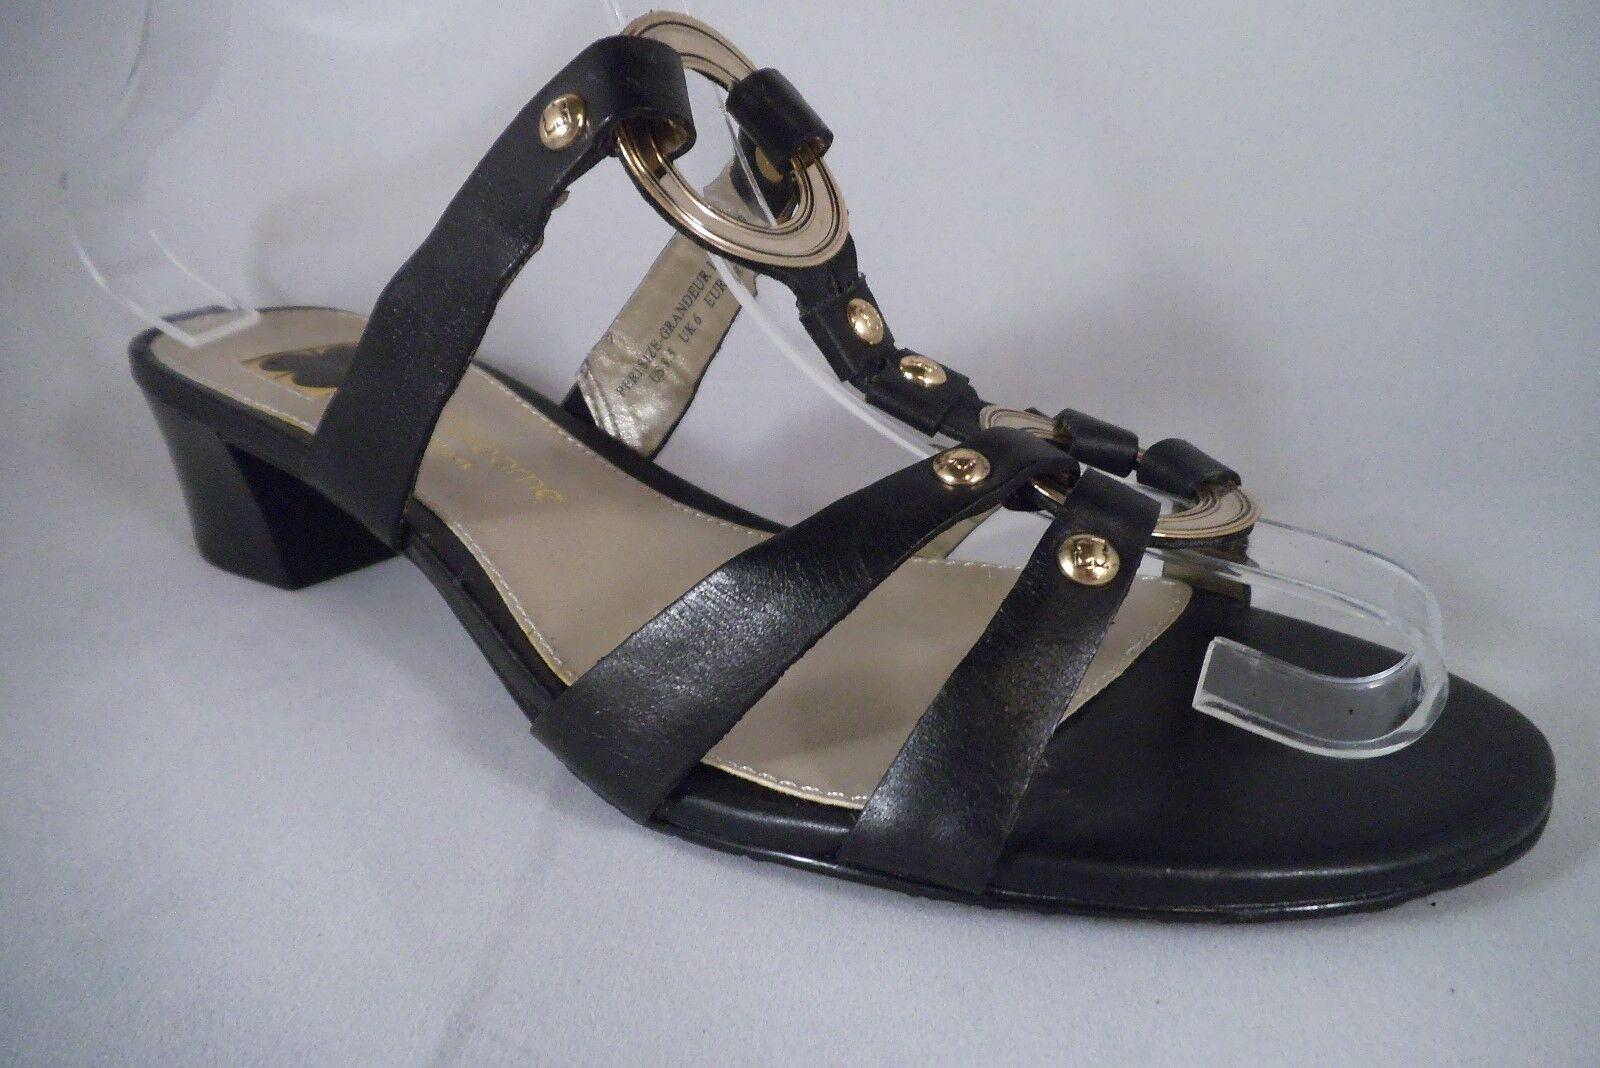 Nuevo Nuevo Nuevo Sandalias de Liz Claiborne de Nueva York, Ribete De Metal Negro Talla EE. UU. 8.5 UK 6 EUR 30  ahorre 60% de descuento